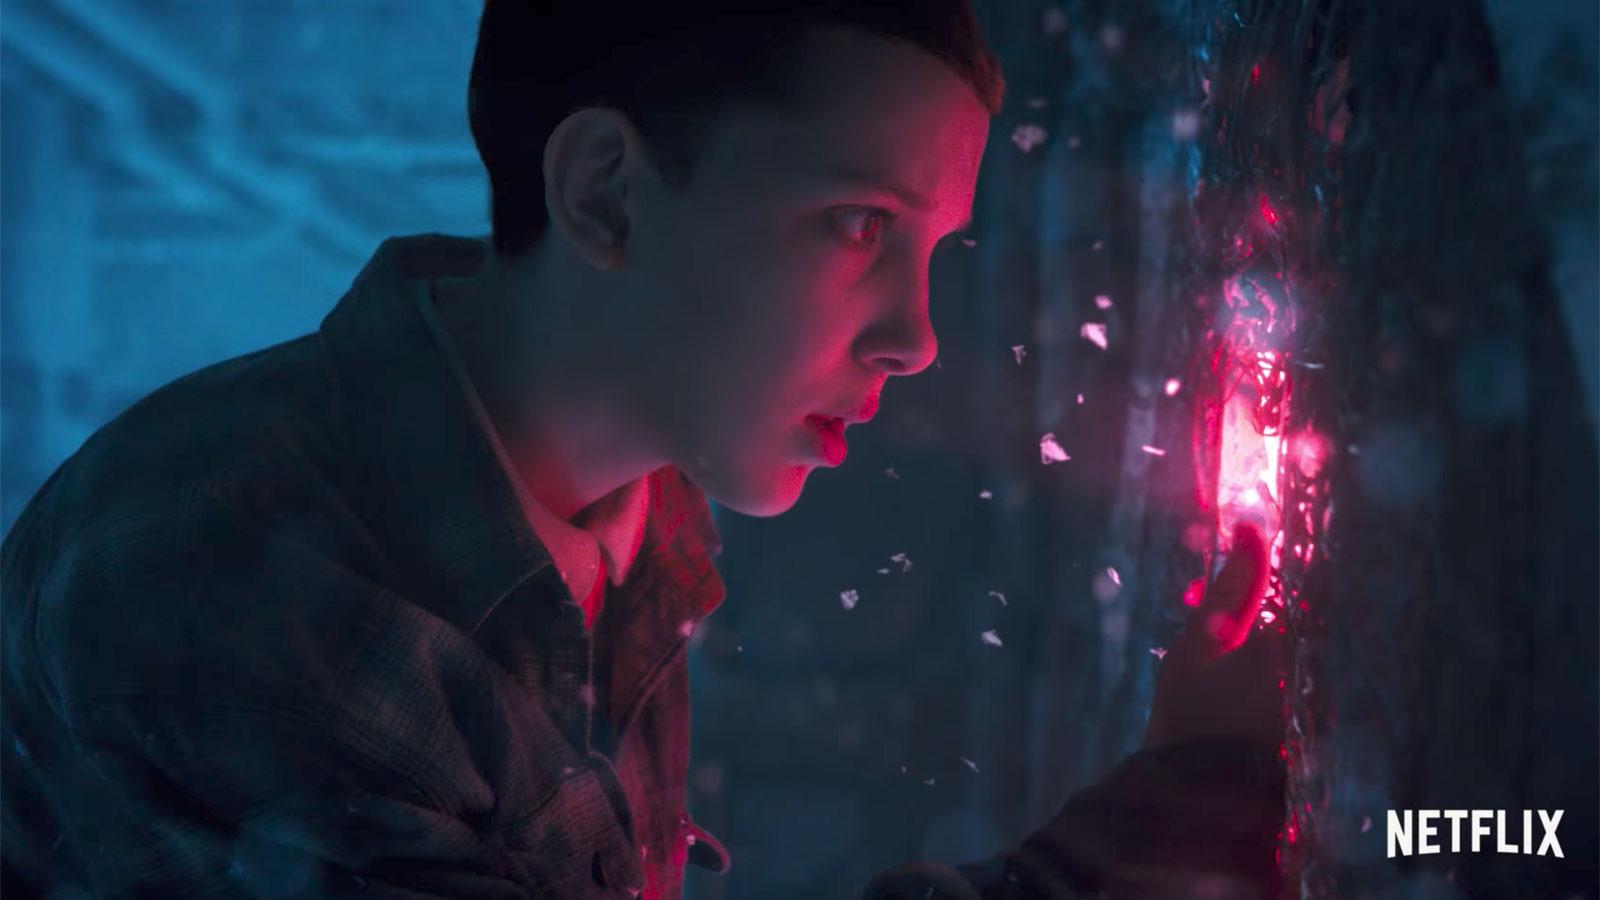 Watch the full 'Stranger Things' season 2 trailer